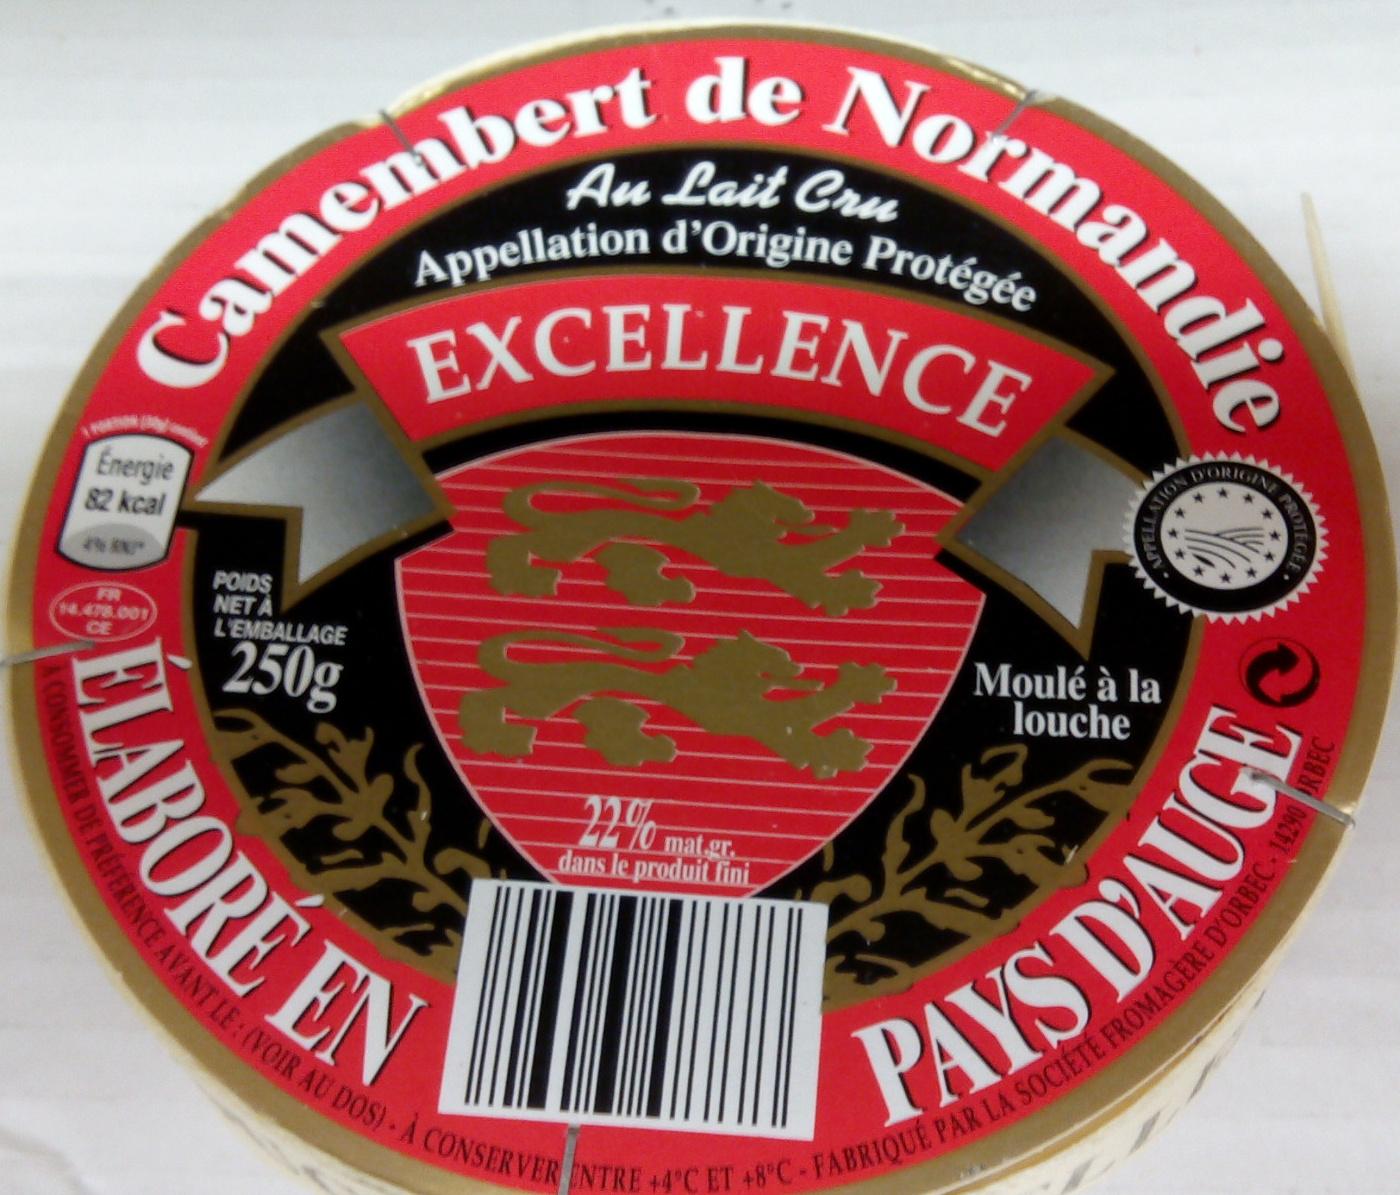 Camembert de Normandie AOP, Au Lait Cru (22 % MG) - Produto - fr